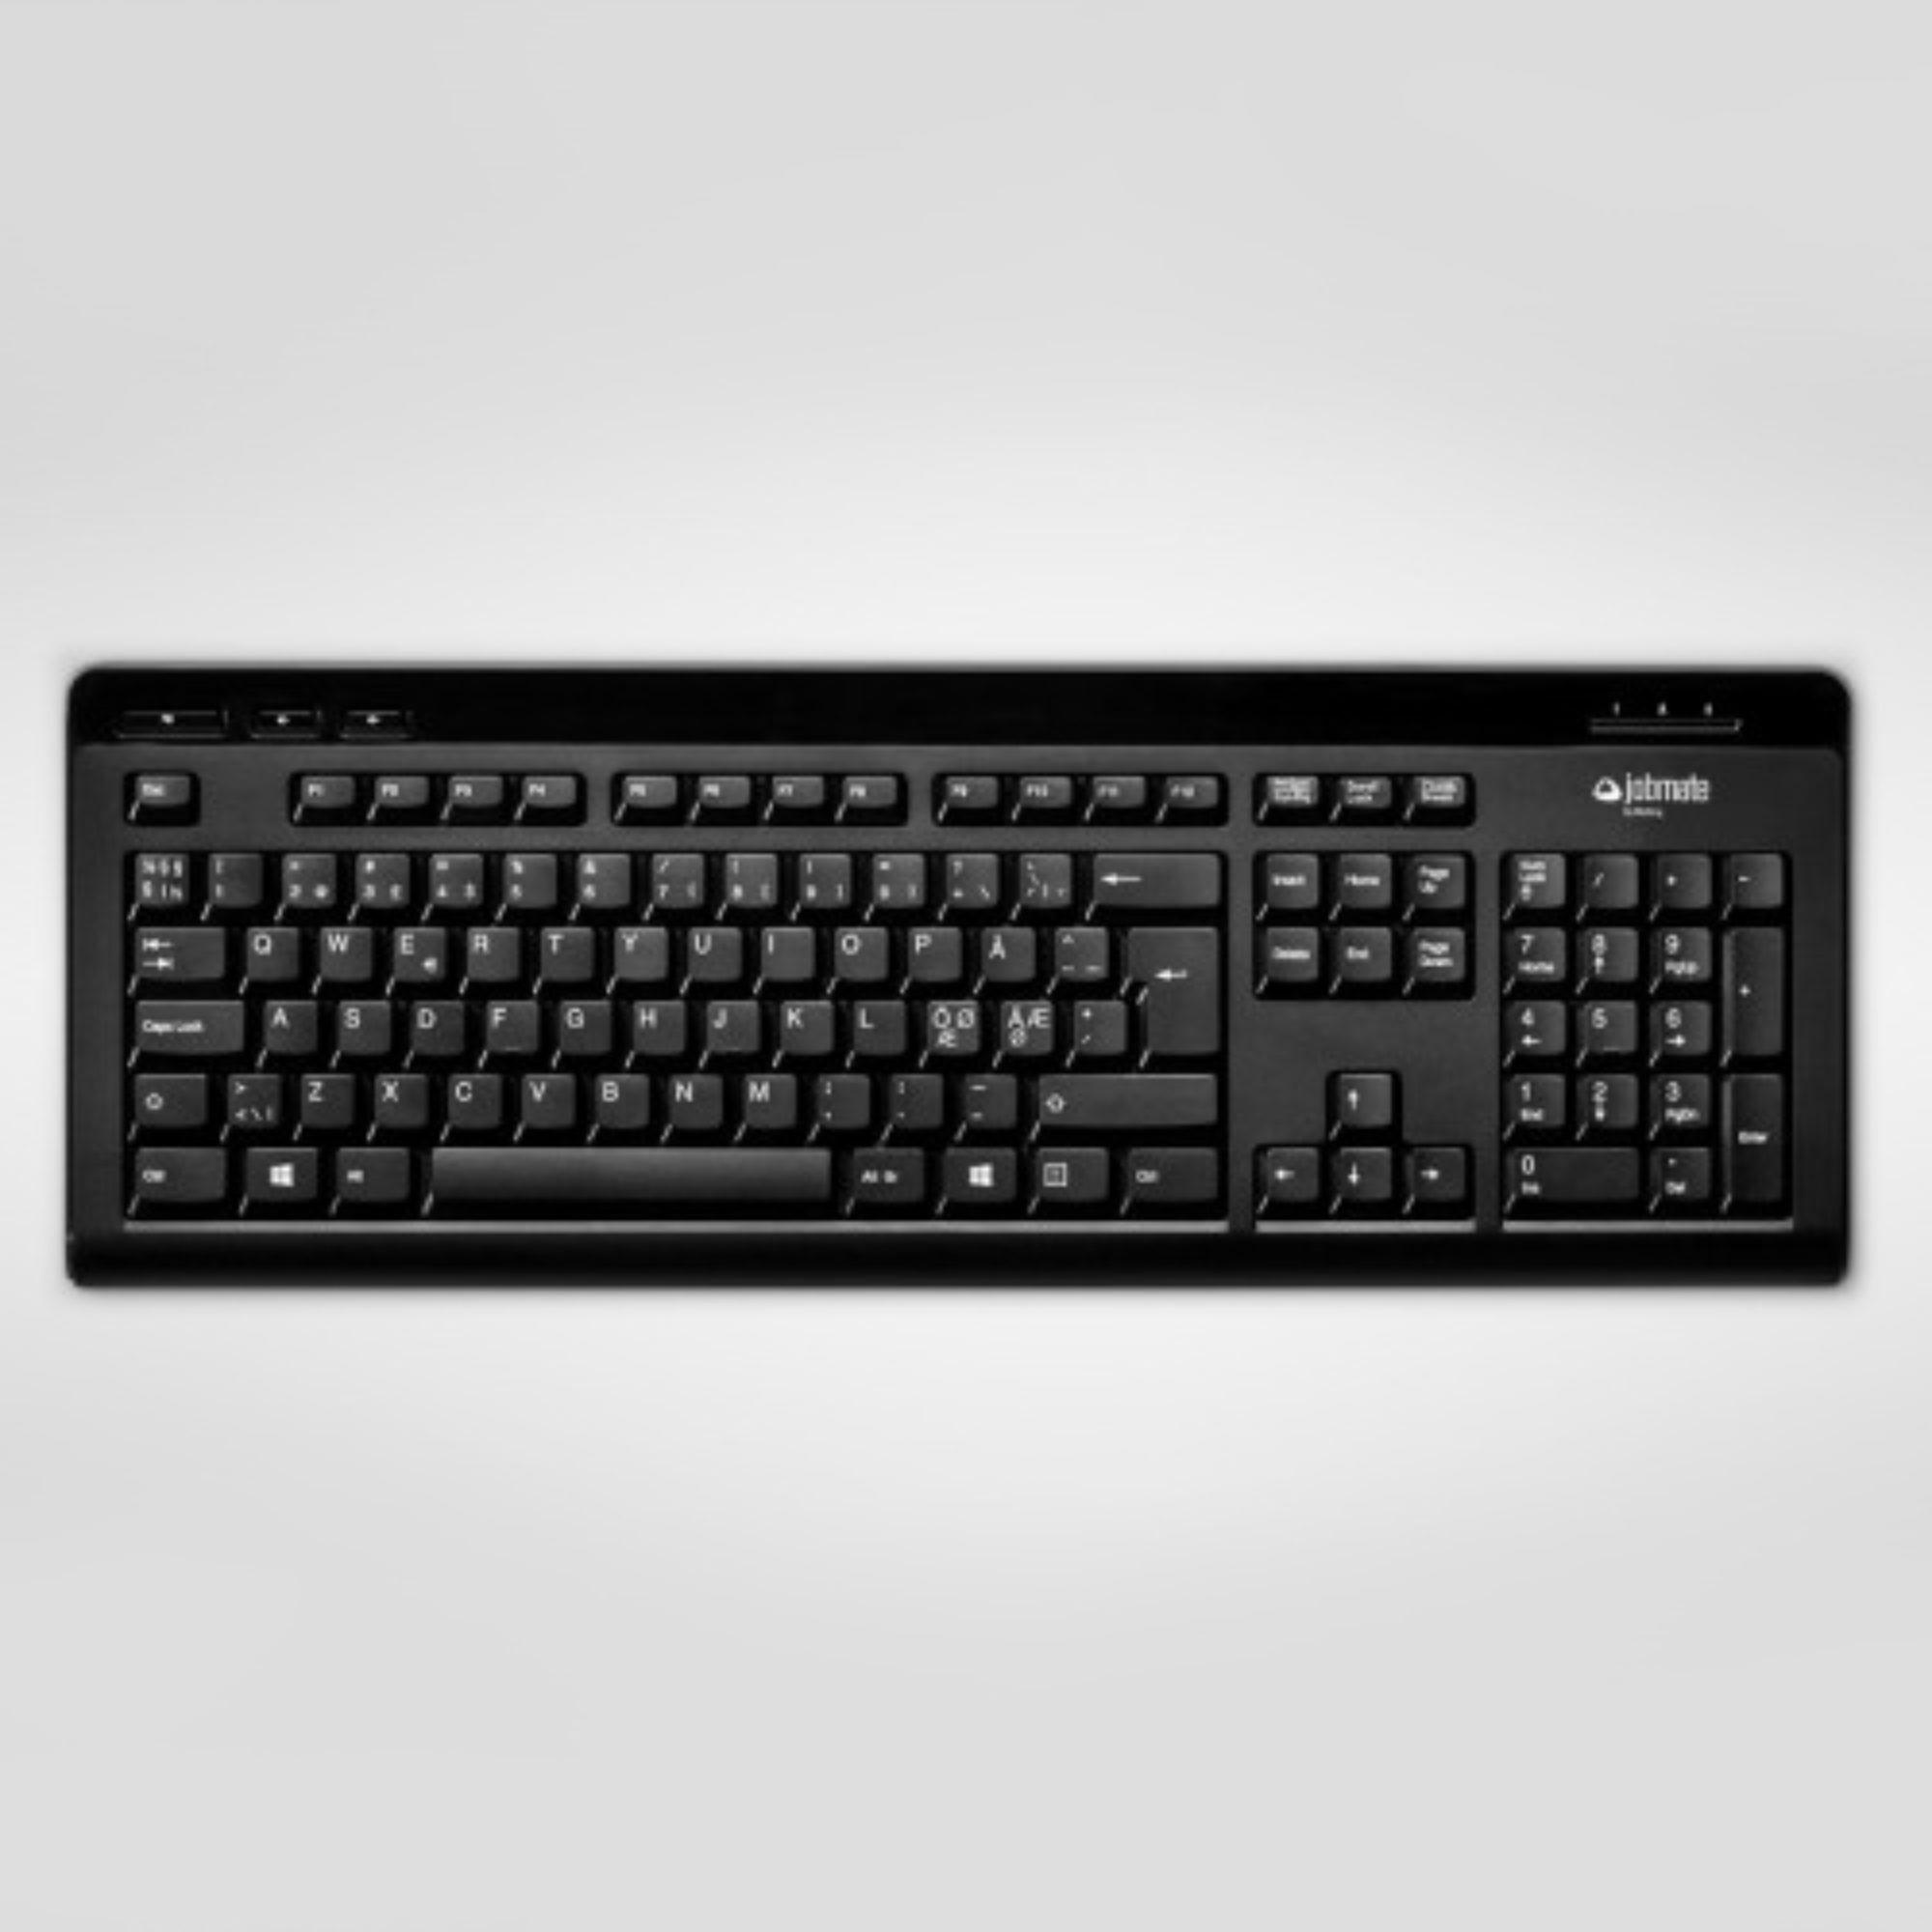 Jobmate Keyboard